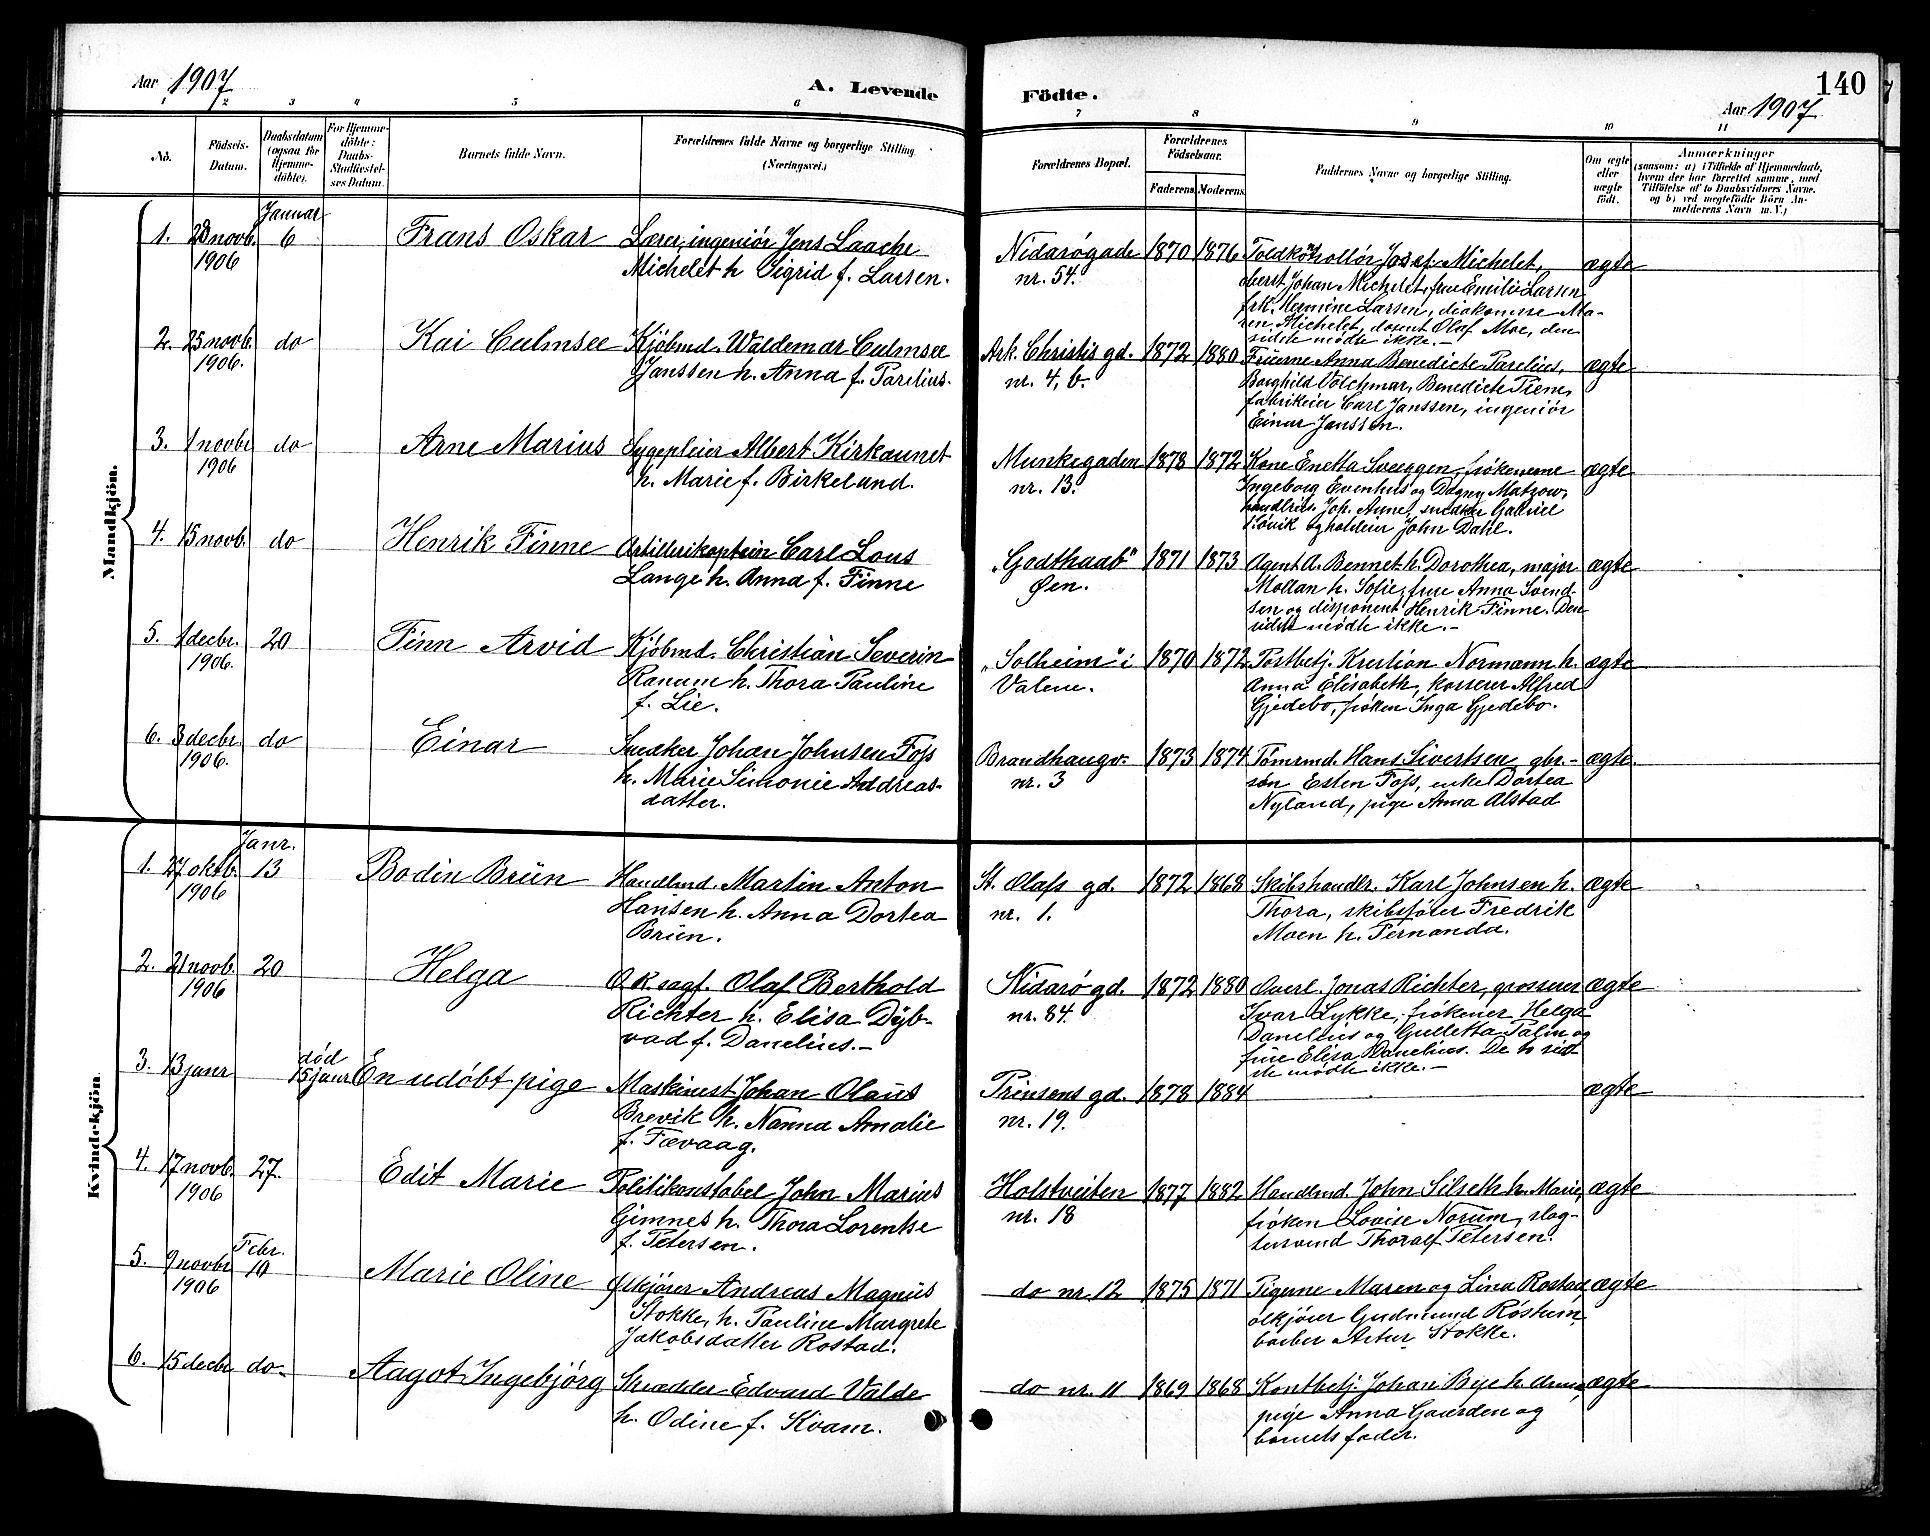 SAT, Ministerialprotokoller, klokkerbøker og fødselsregistre - Sør-Trøndelag, 601/L0094: Klokkerbok nr. 601C12, 1898-1911, s. 140